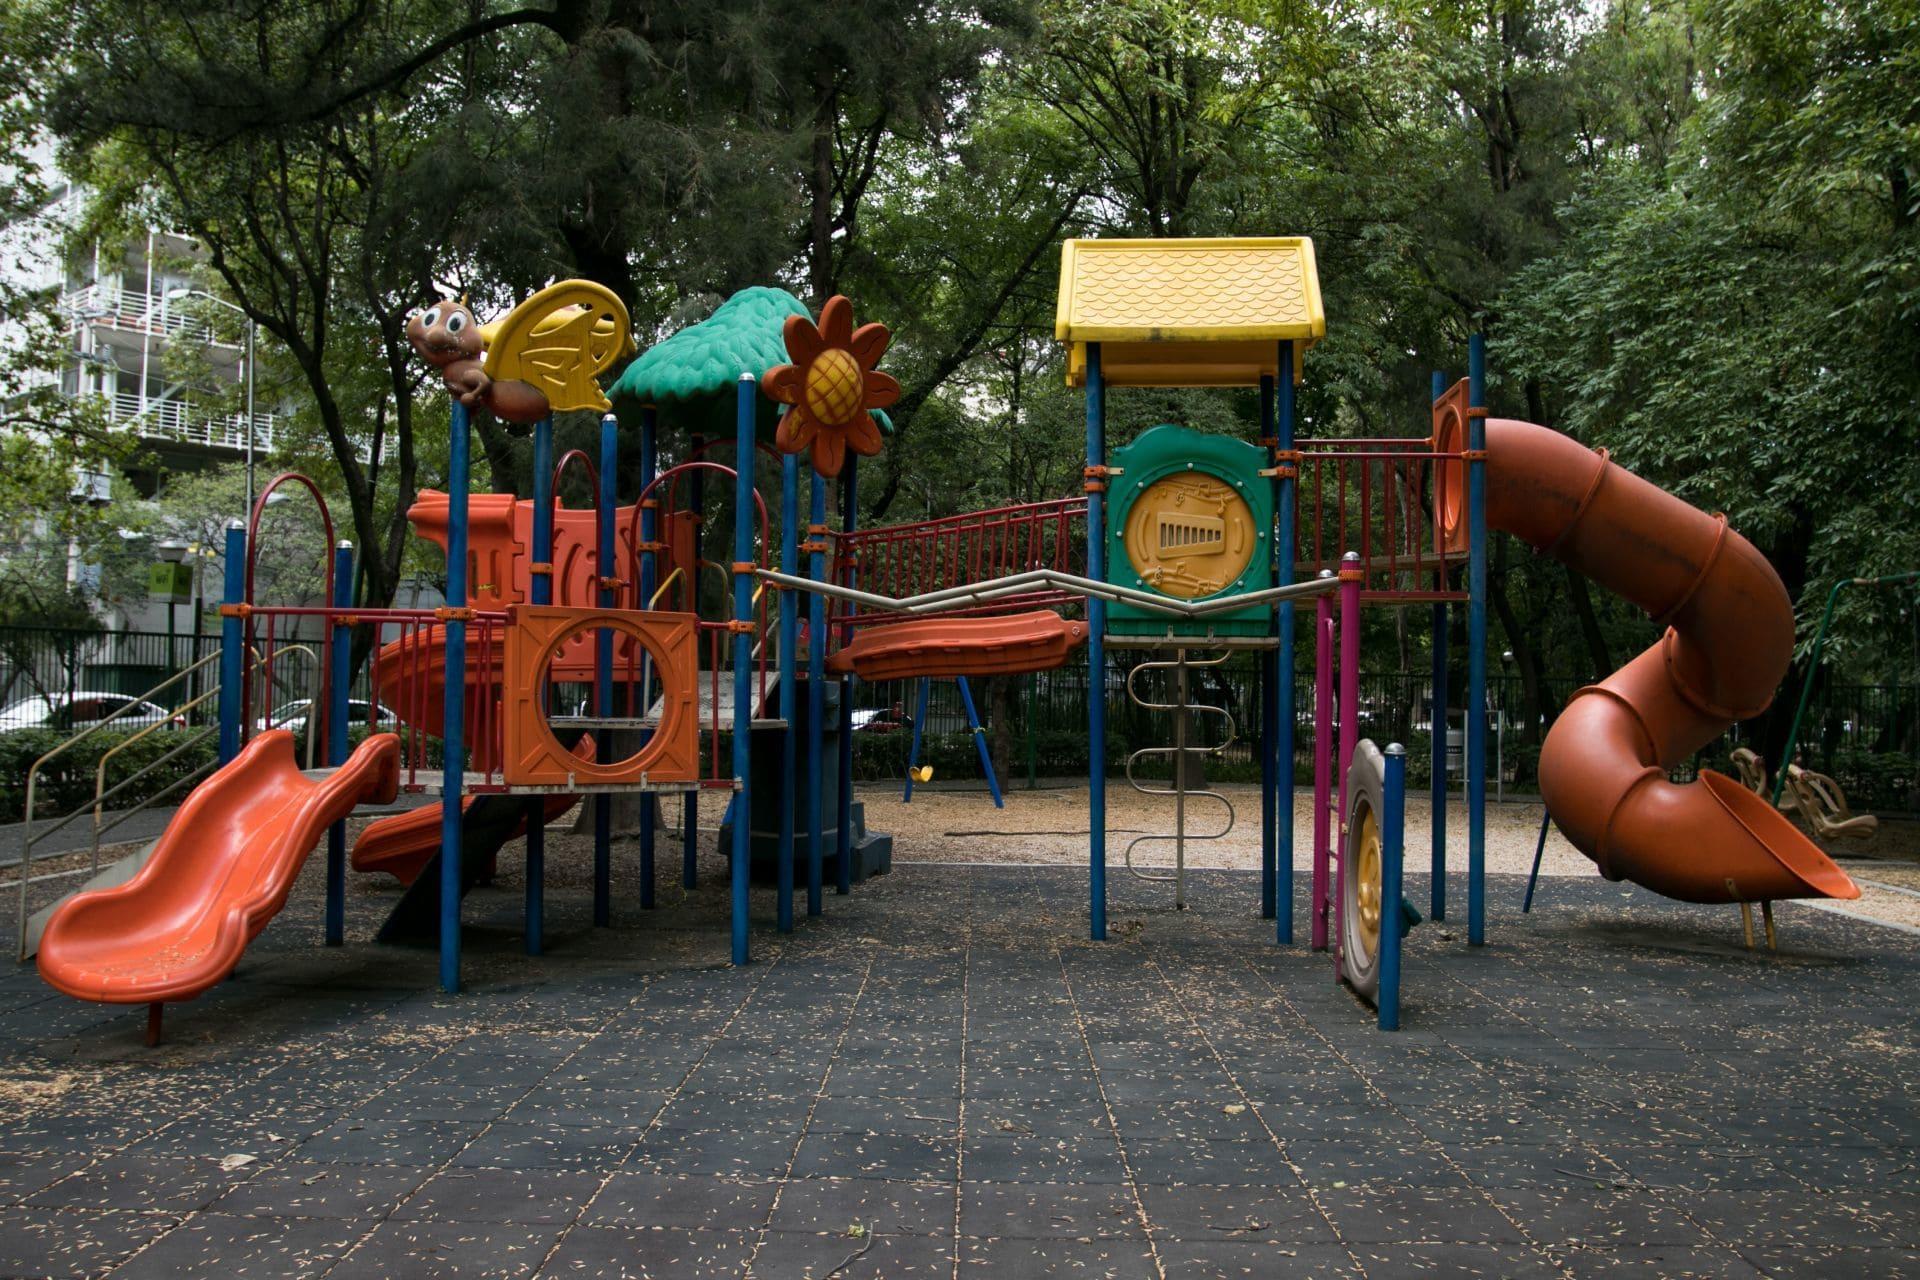 Parque con juegos infantiles, como en el que desapareció Monserrat